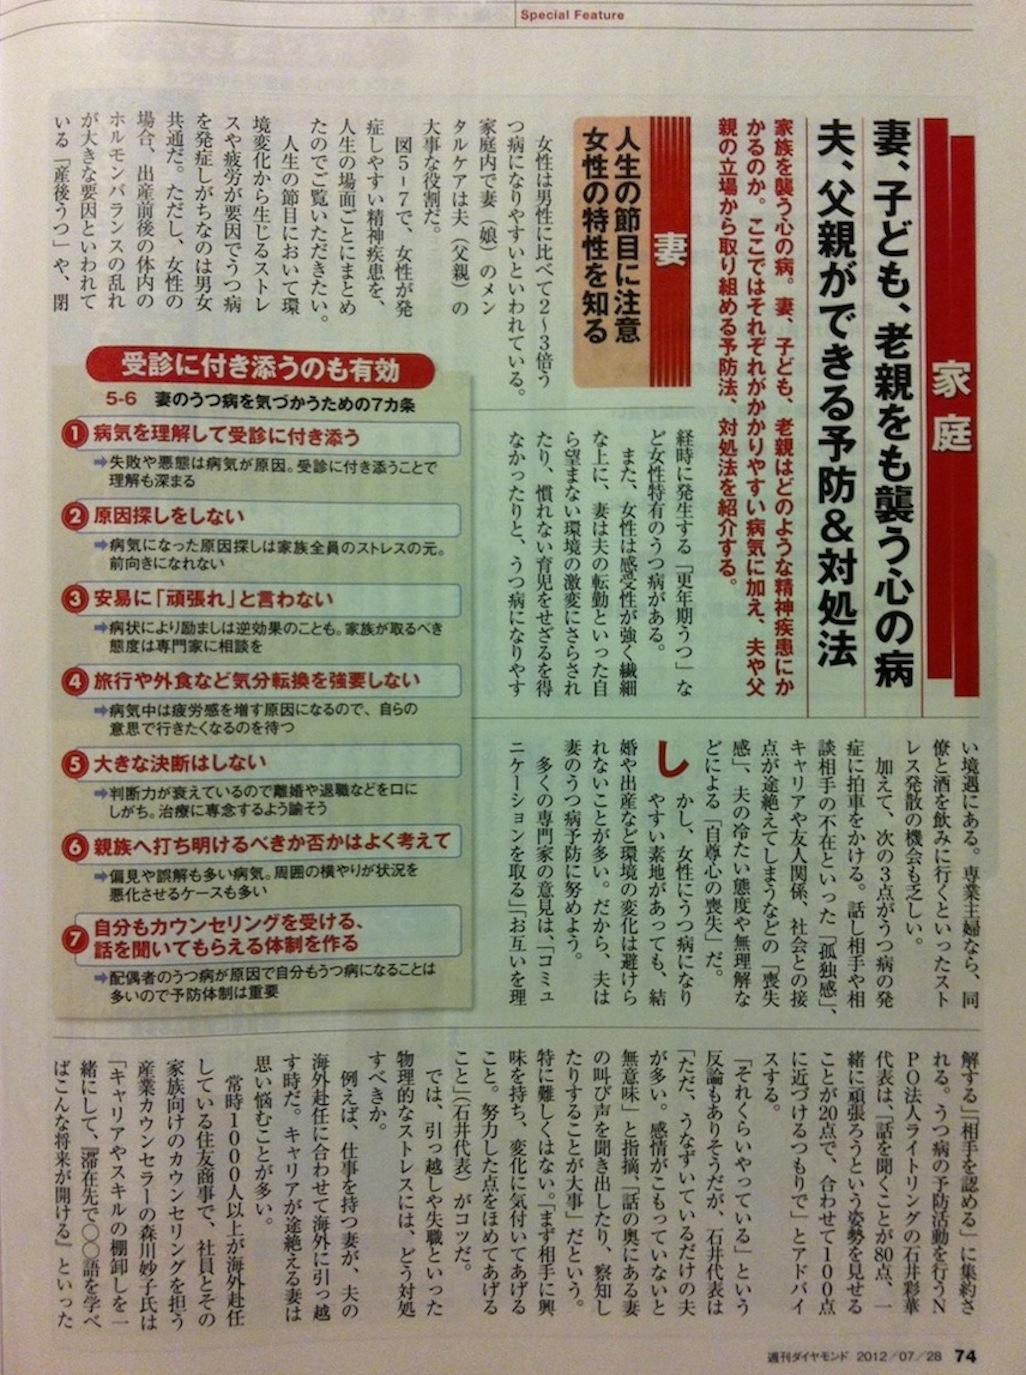 週刊ダイヤモンド 記事